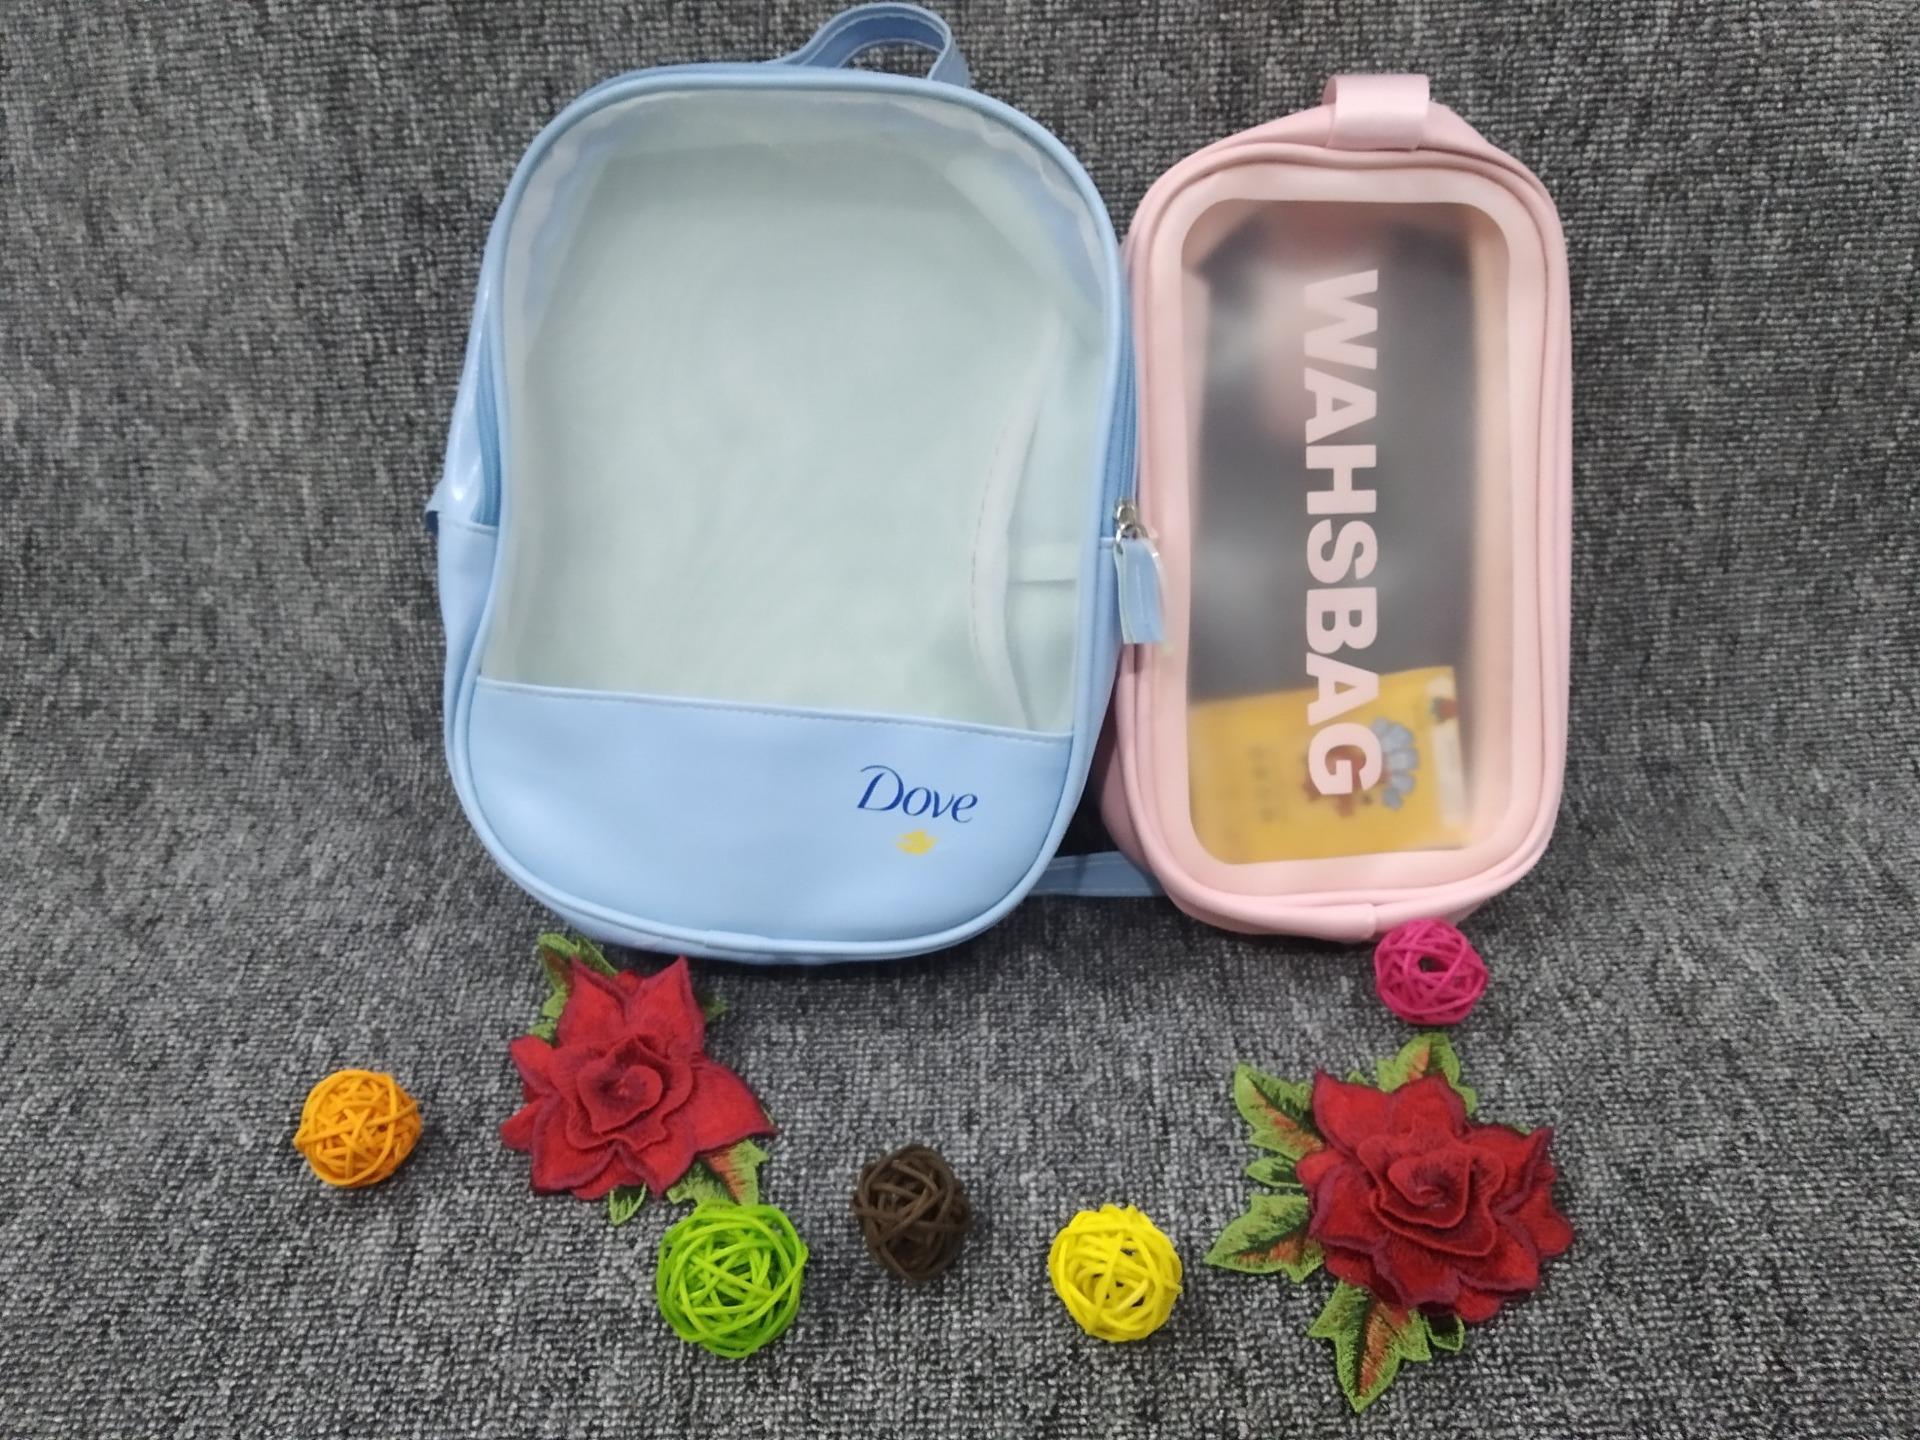 Mua túi đựng mỹ phẩm, ví đựng mỹ phẩm mini giá rẻ tại TPHCM